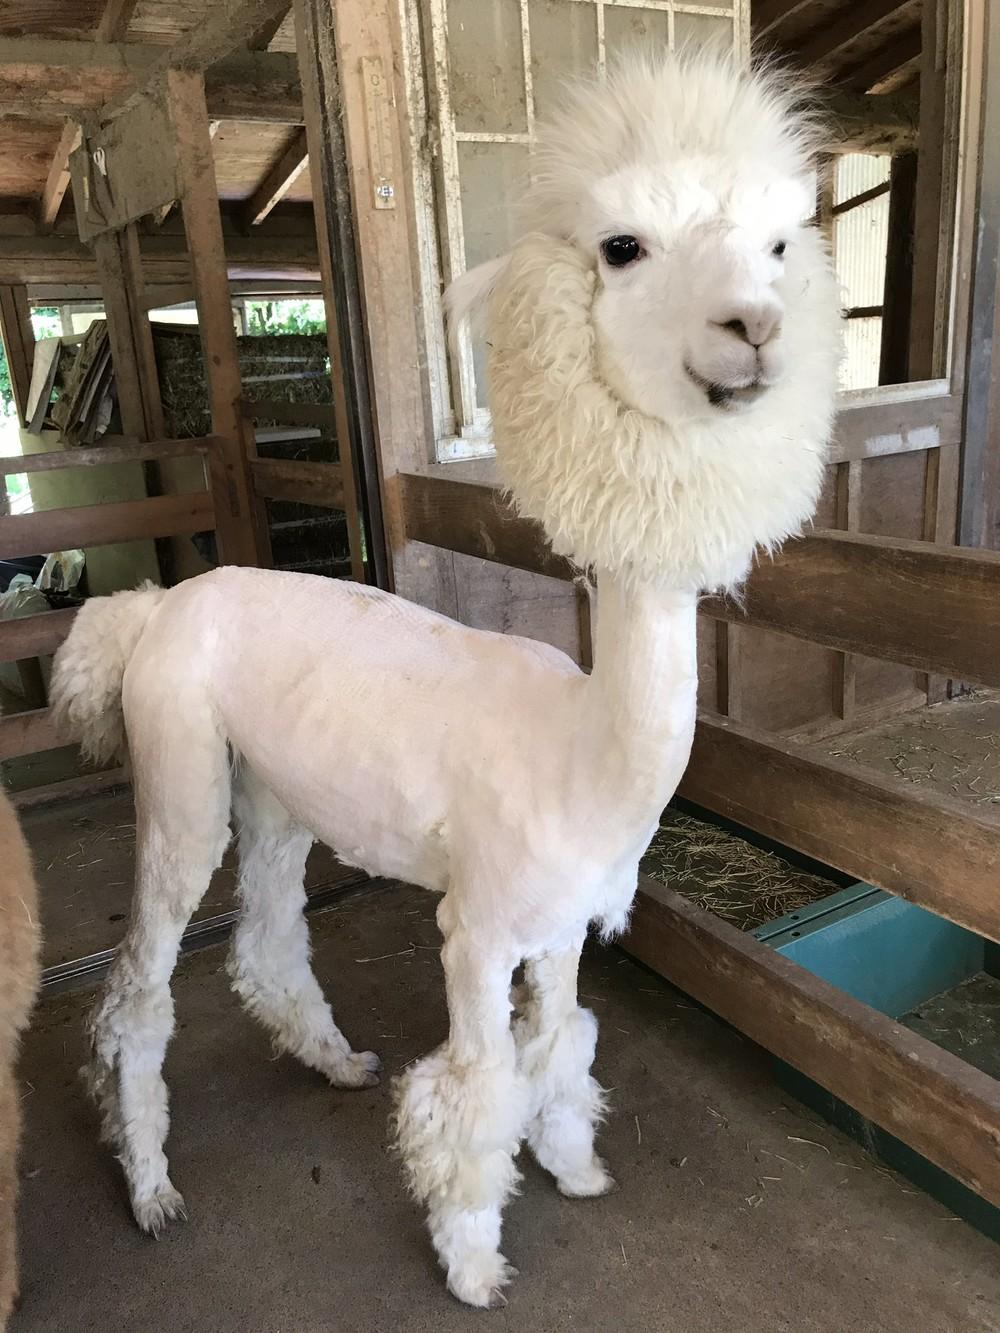 頭だけモフモフの「毛刈りされたアルパカ」 熱中症にならないの?飼育員に聞くと...